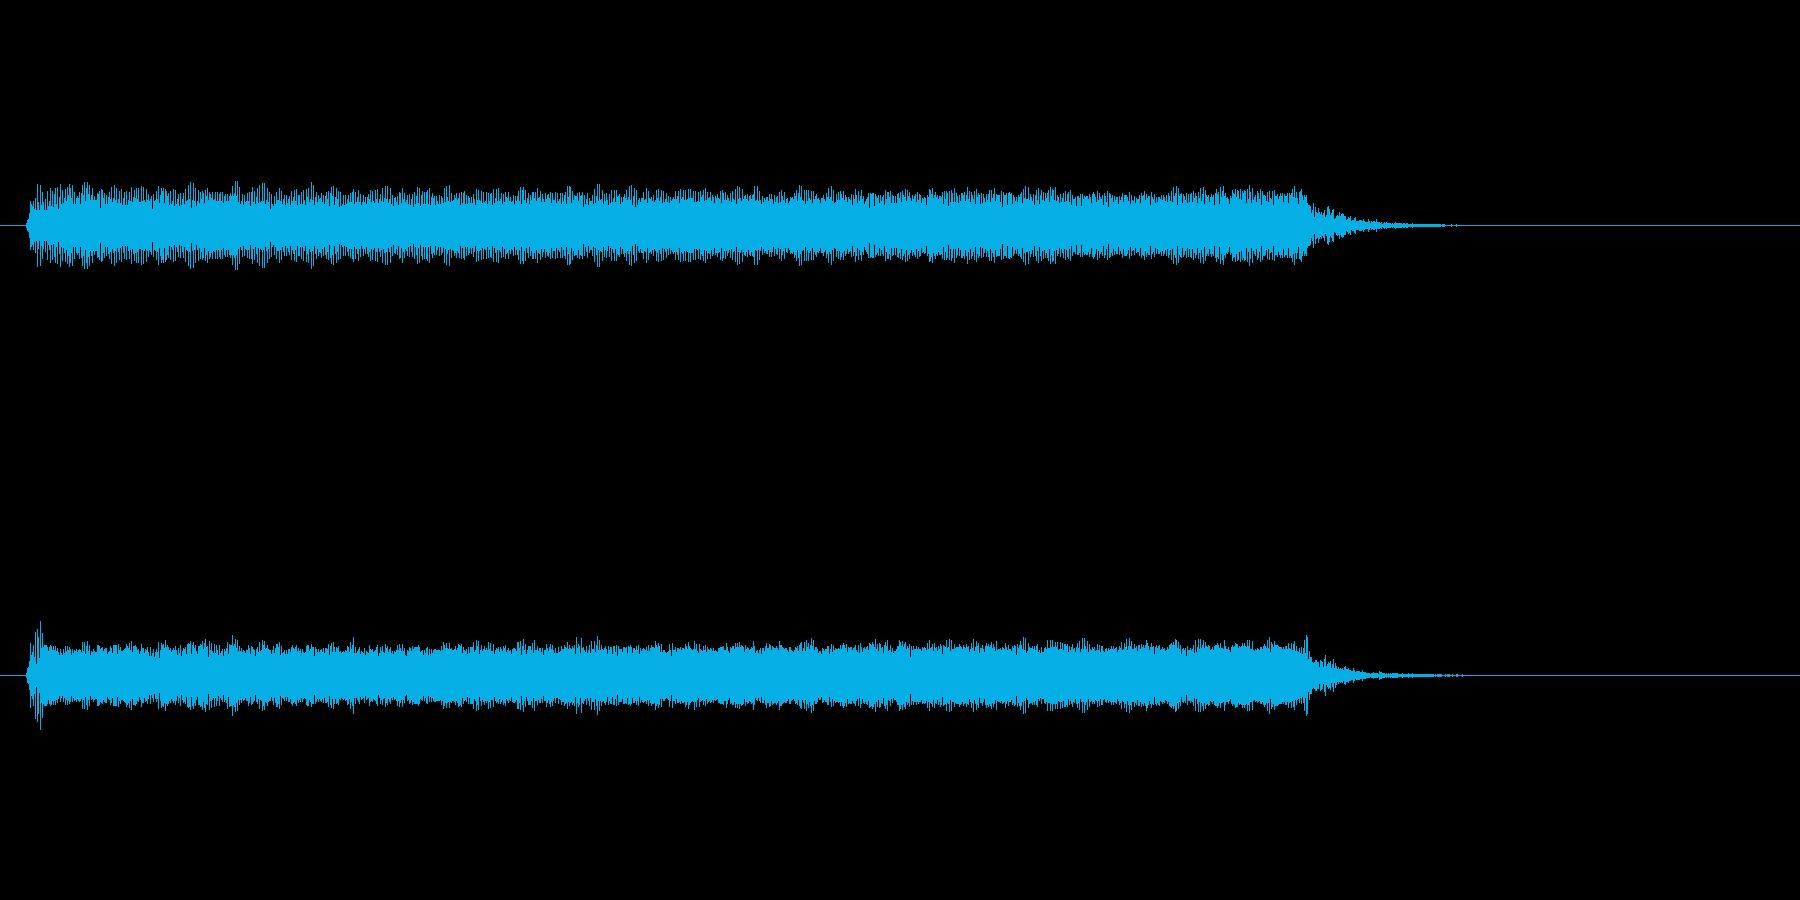 【開演ブザー02-3】の再生済みの波形